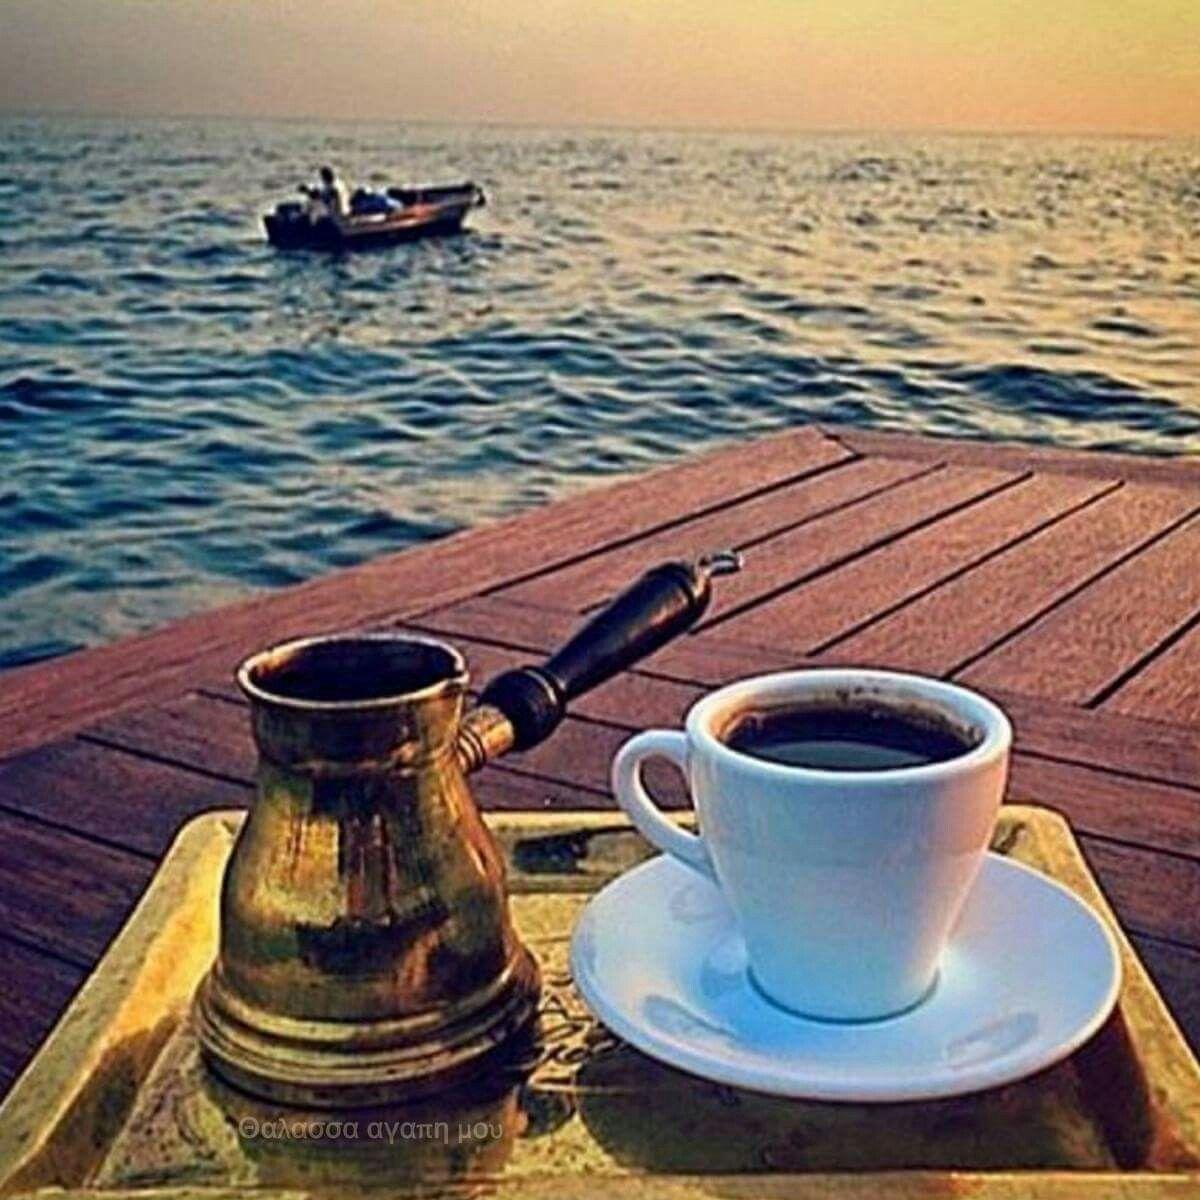 выросла красивые картинки утренний кофе у моря пары троих